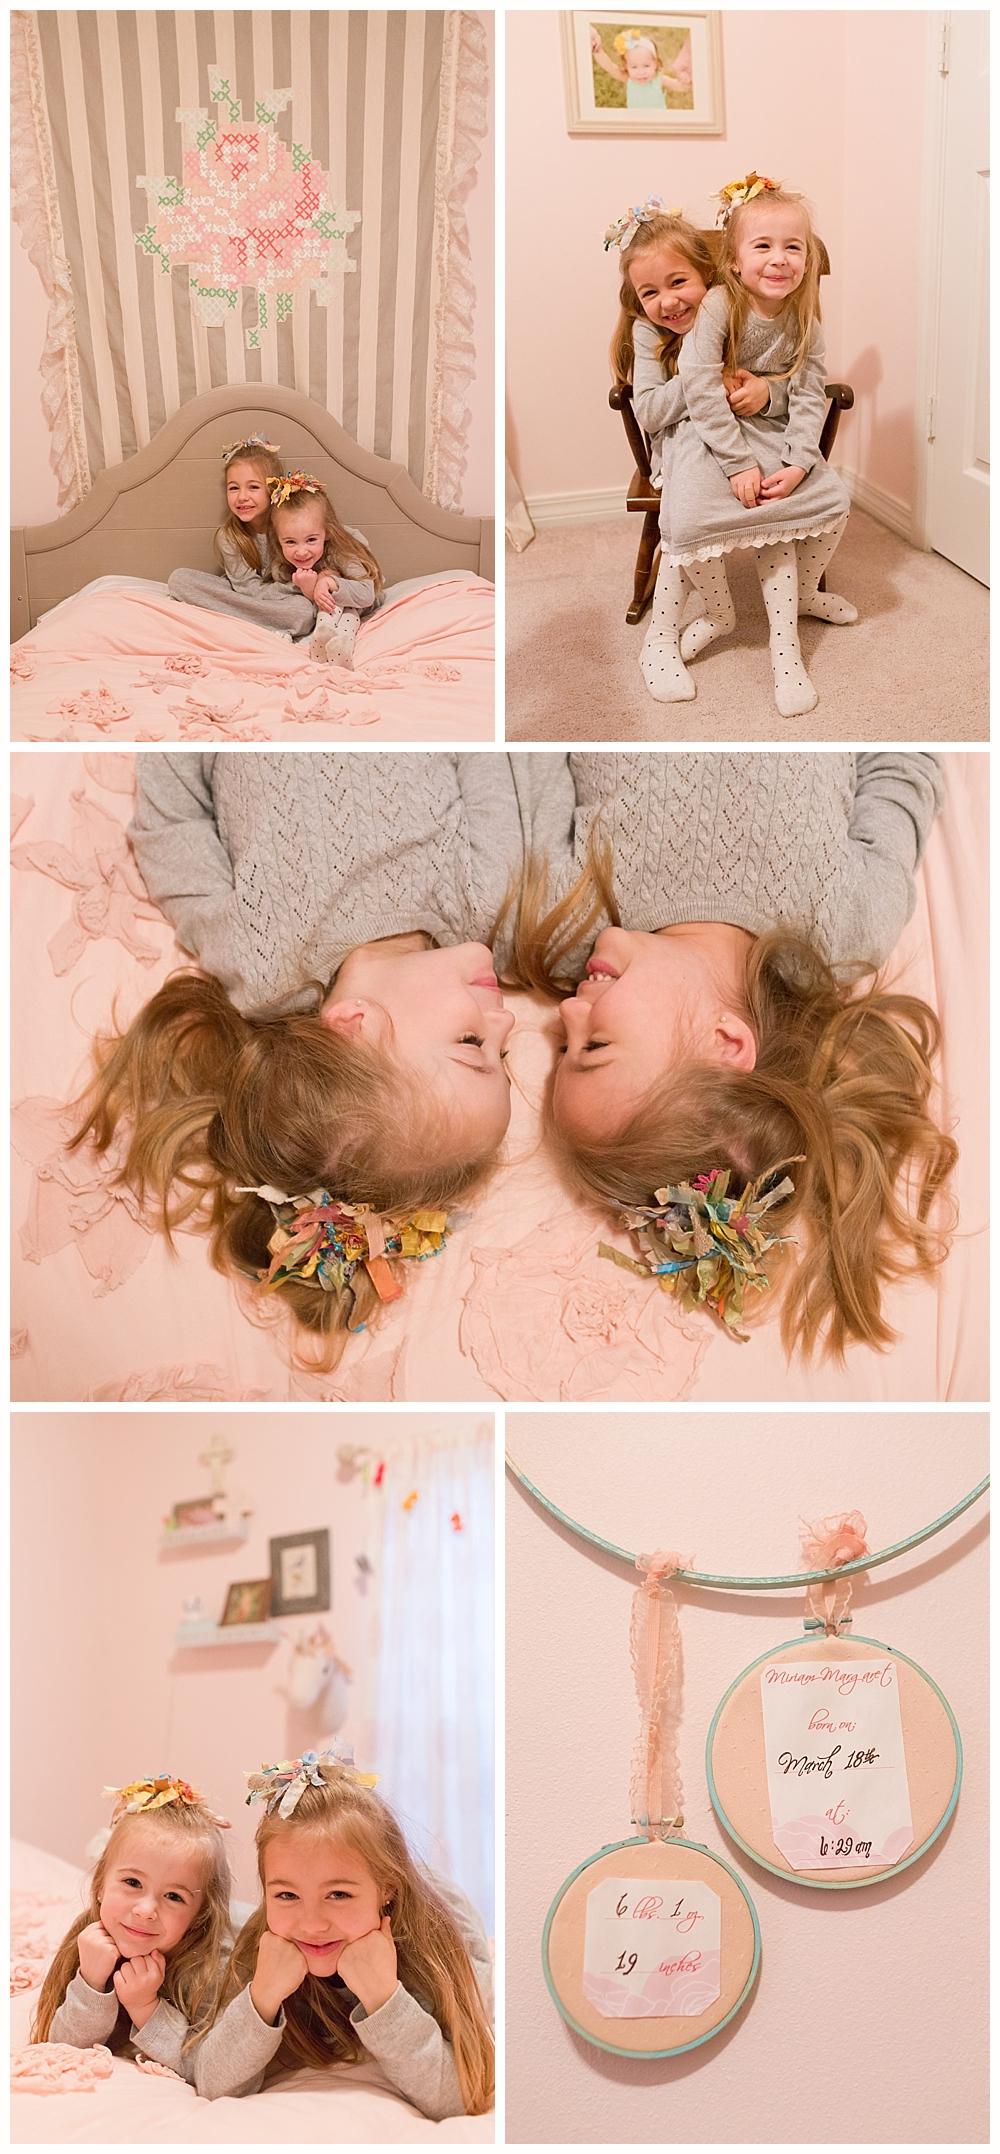 sisters in cute pink bedroom - Ocean Springs family photographer